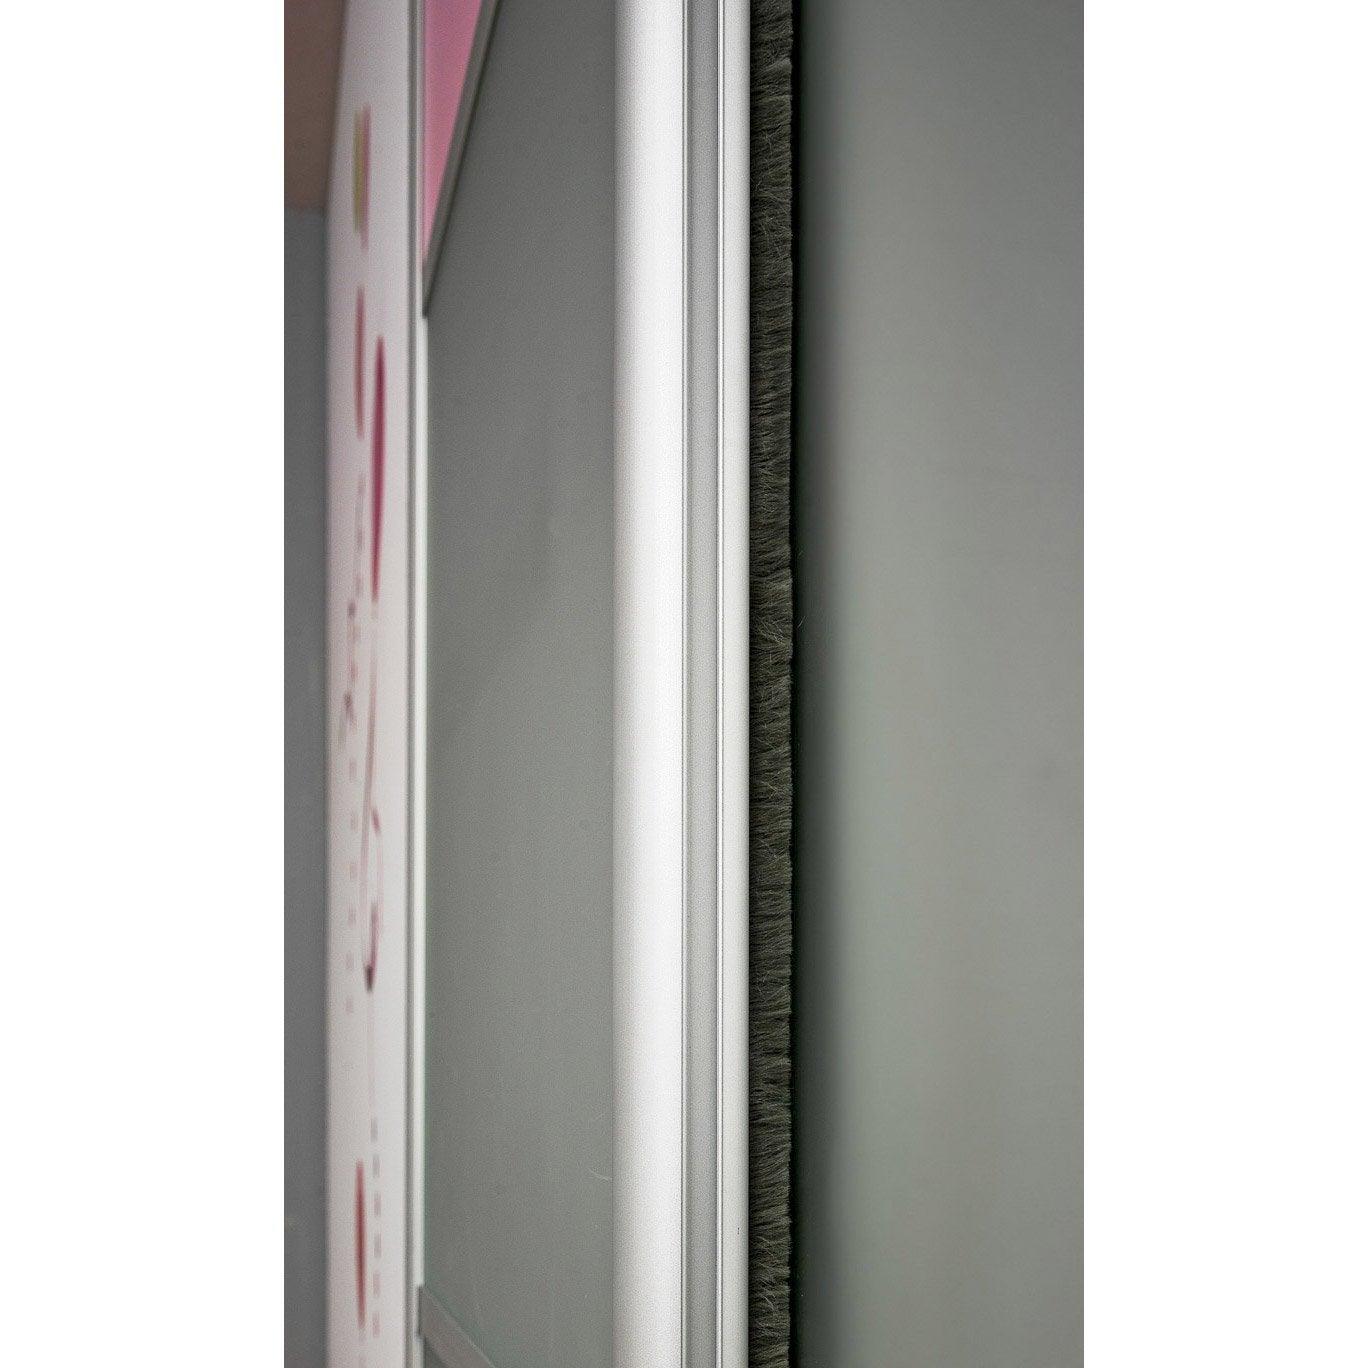 Joint entre vantaux gris cm leroy merlin - Accessoire porte coulissante placard ...